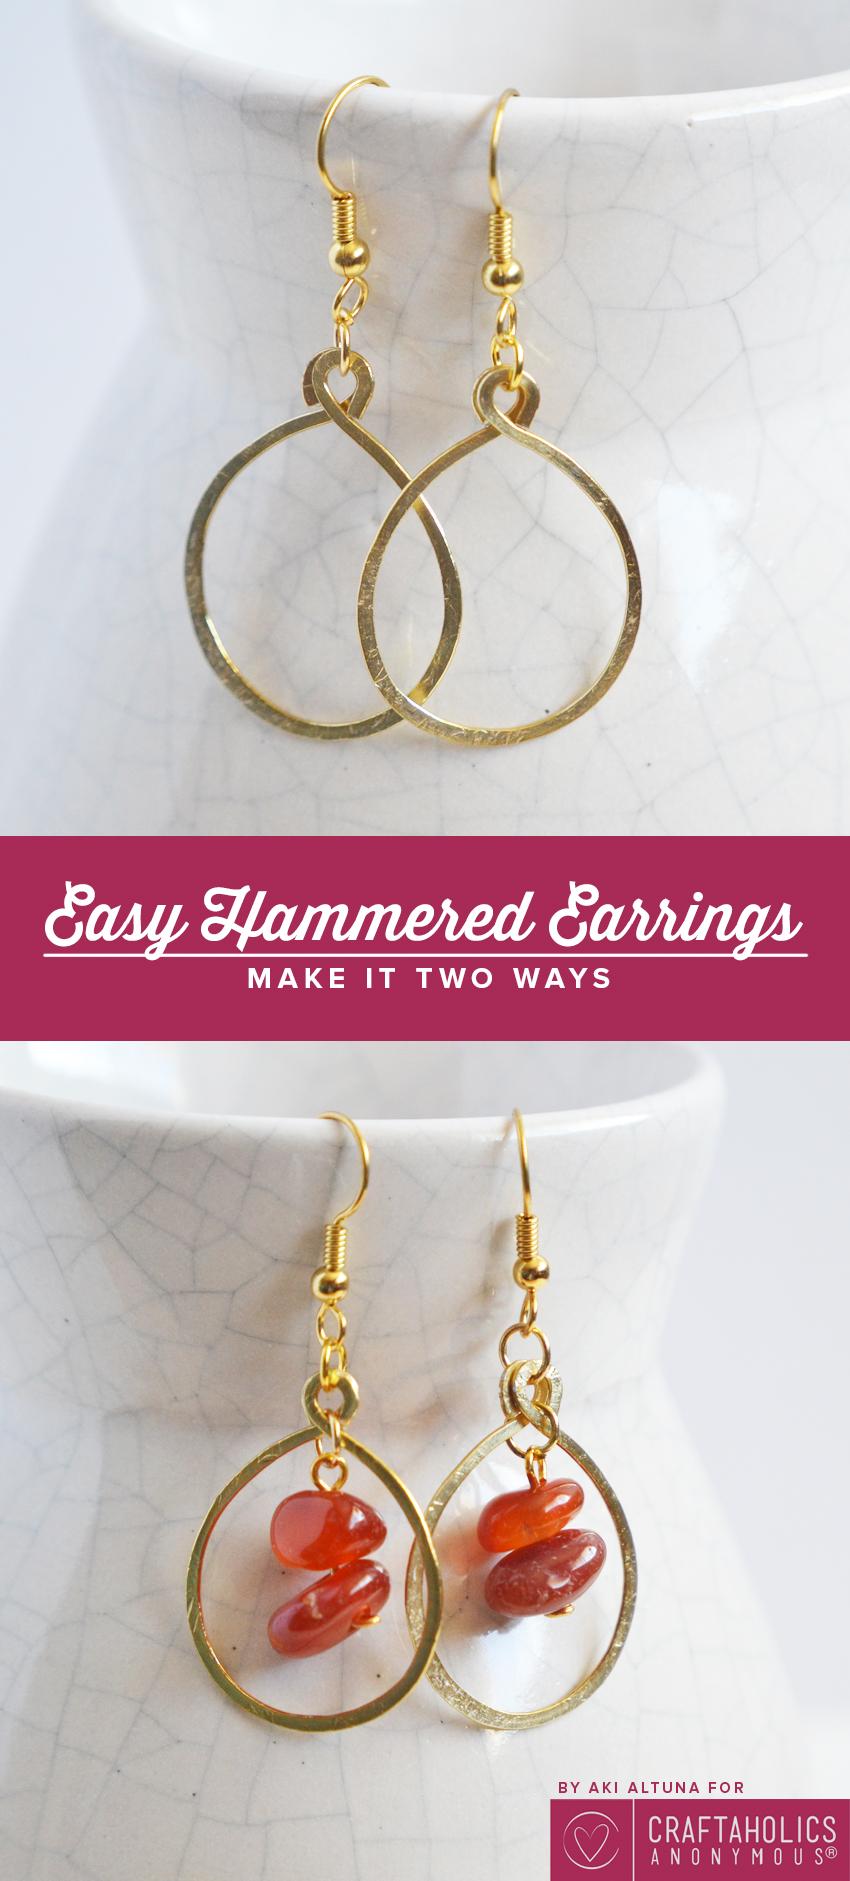 DIY Hammered Earrings tutorial